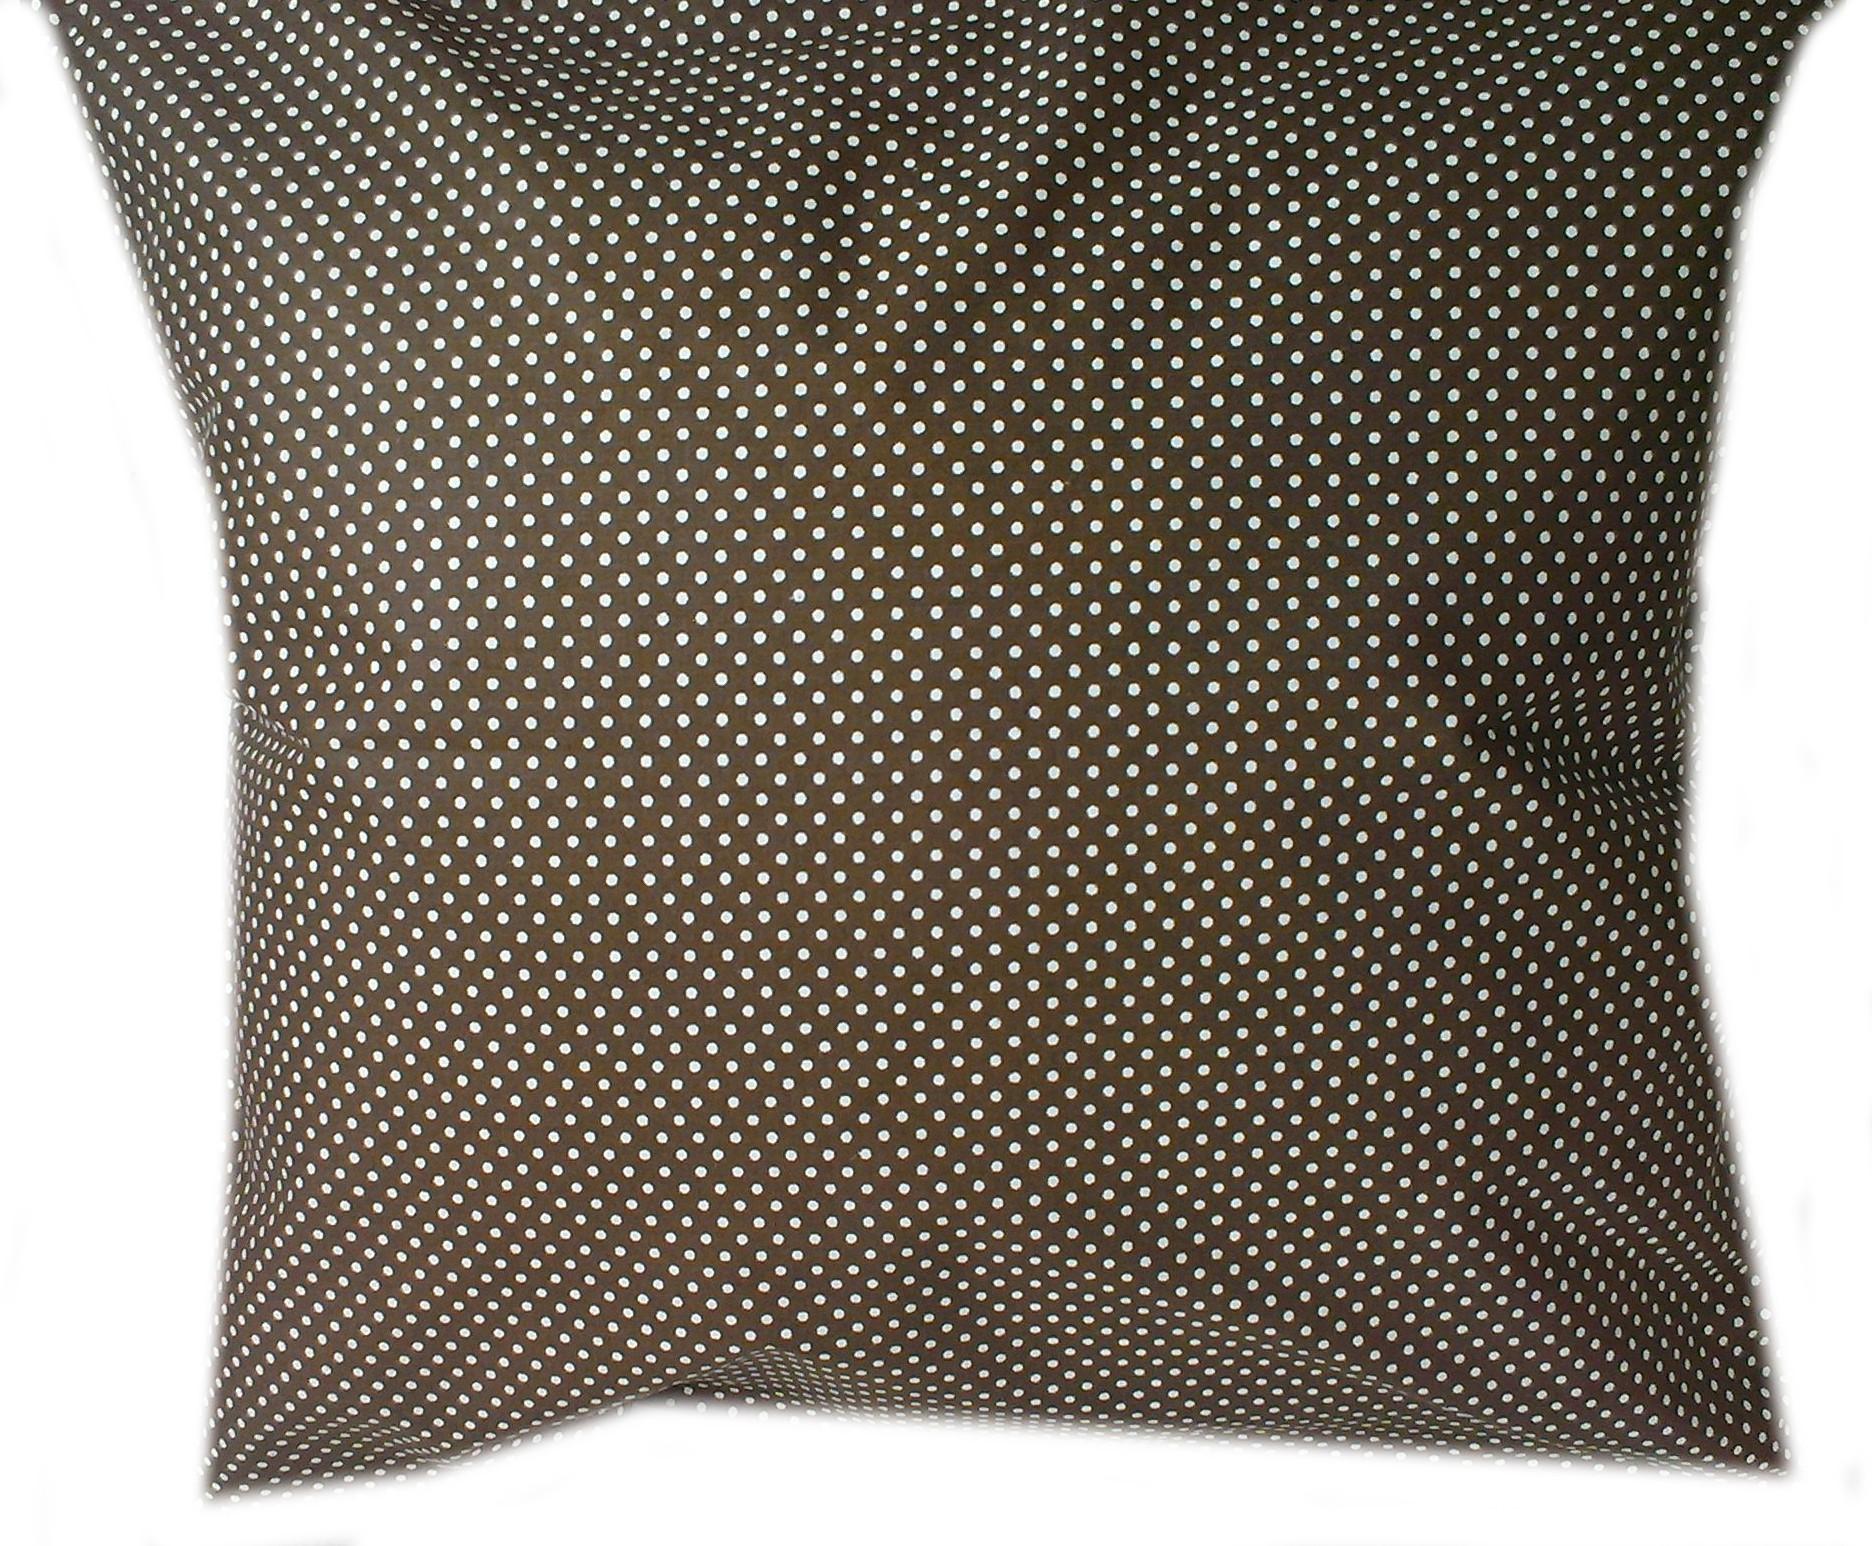 povlak na polštáøek - bílý puntíèek na tmavì hnìdé - zvìtšit obrázek